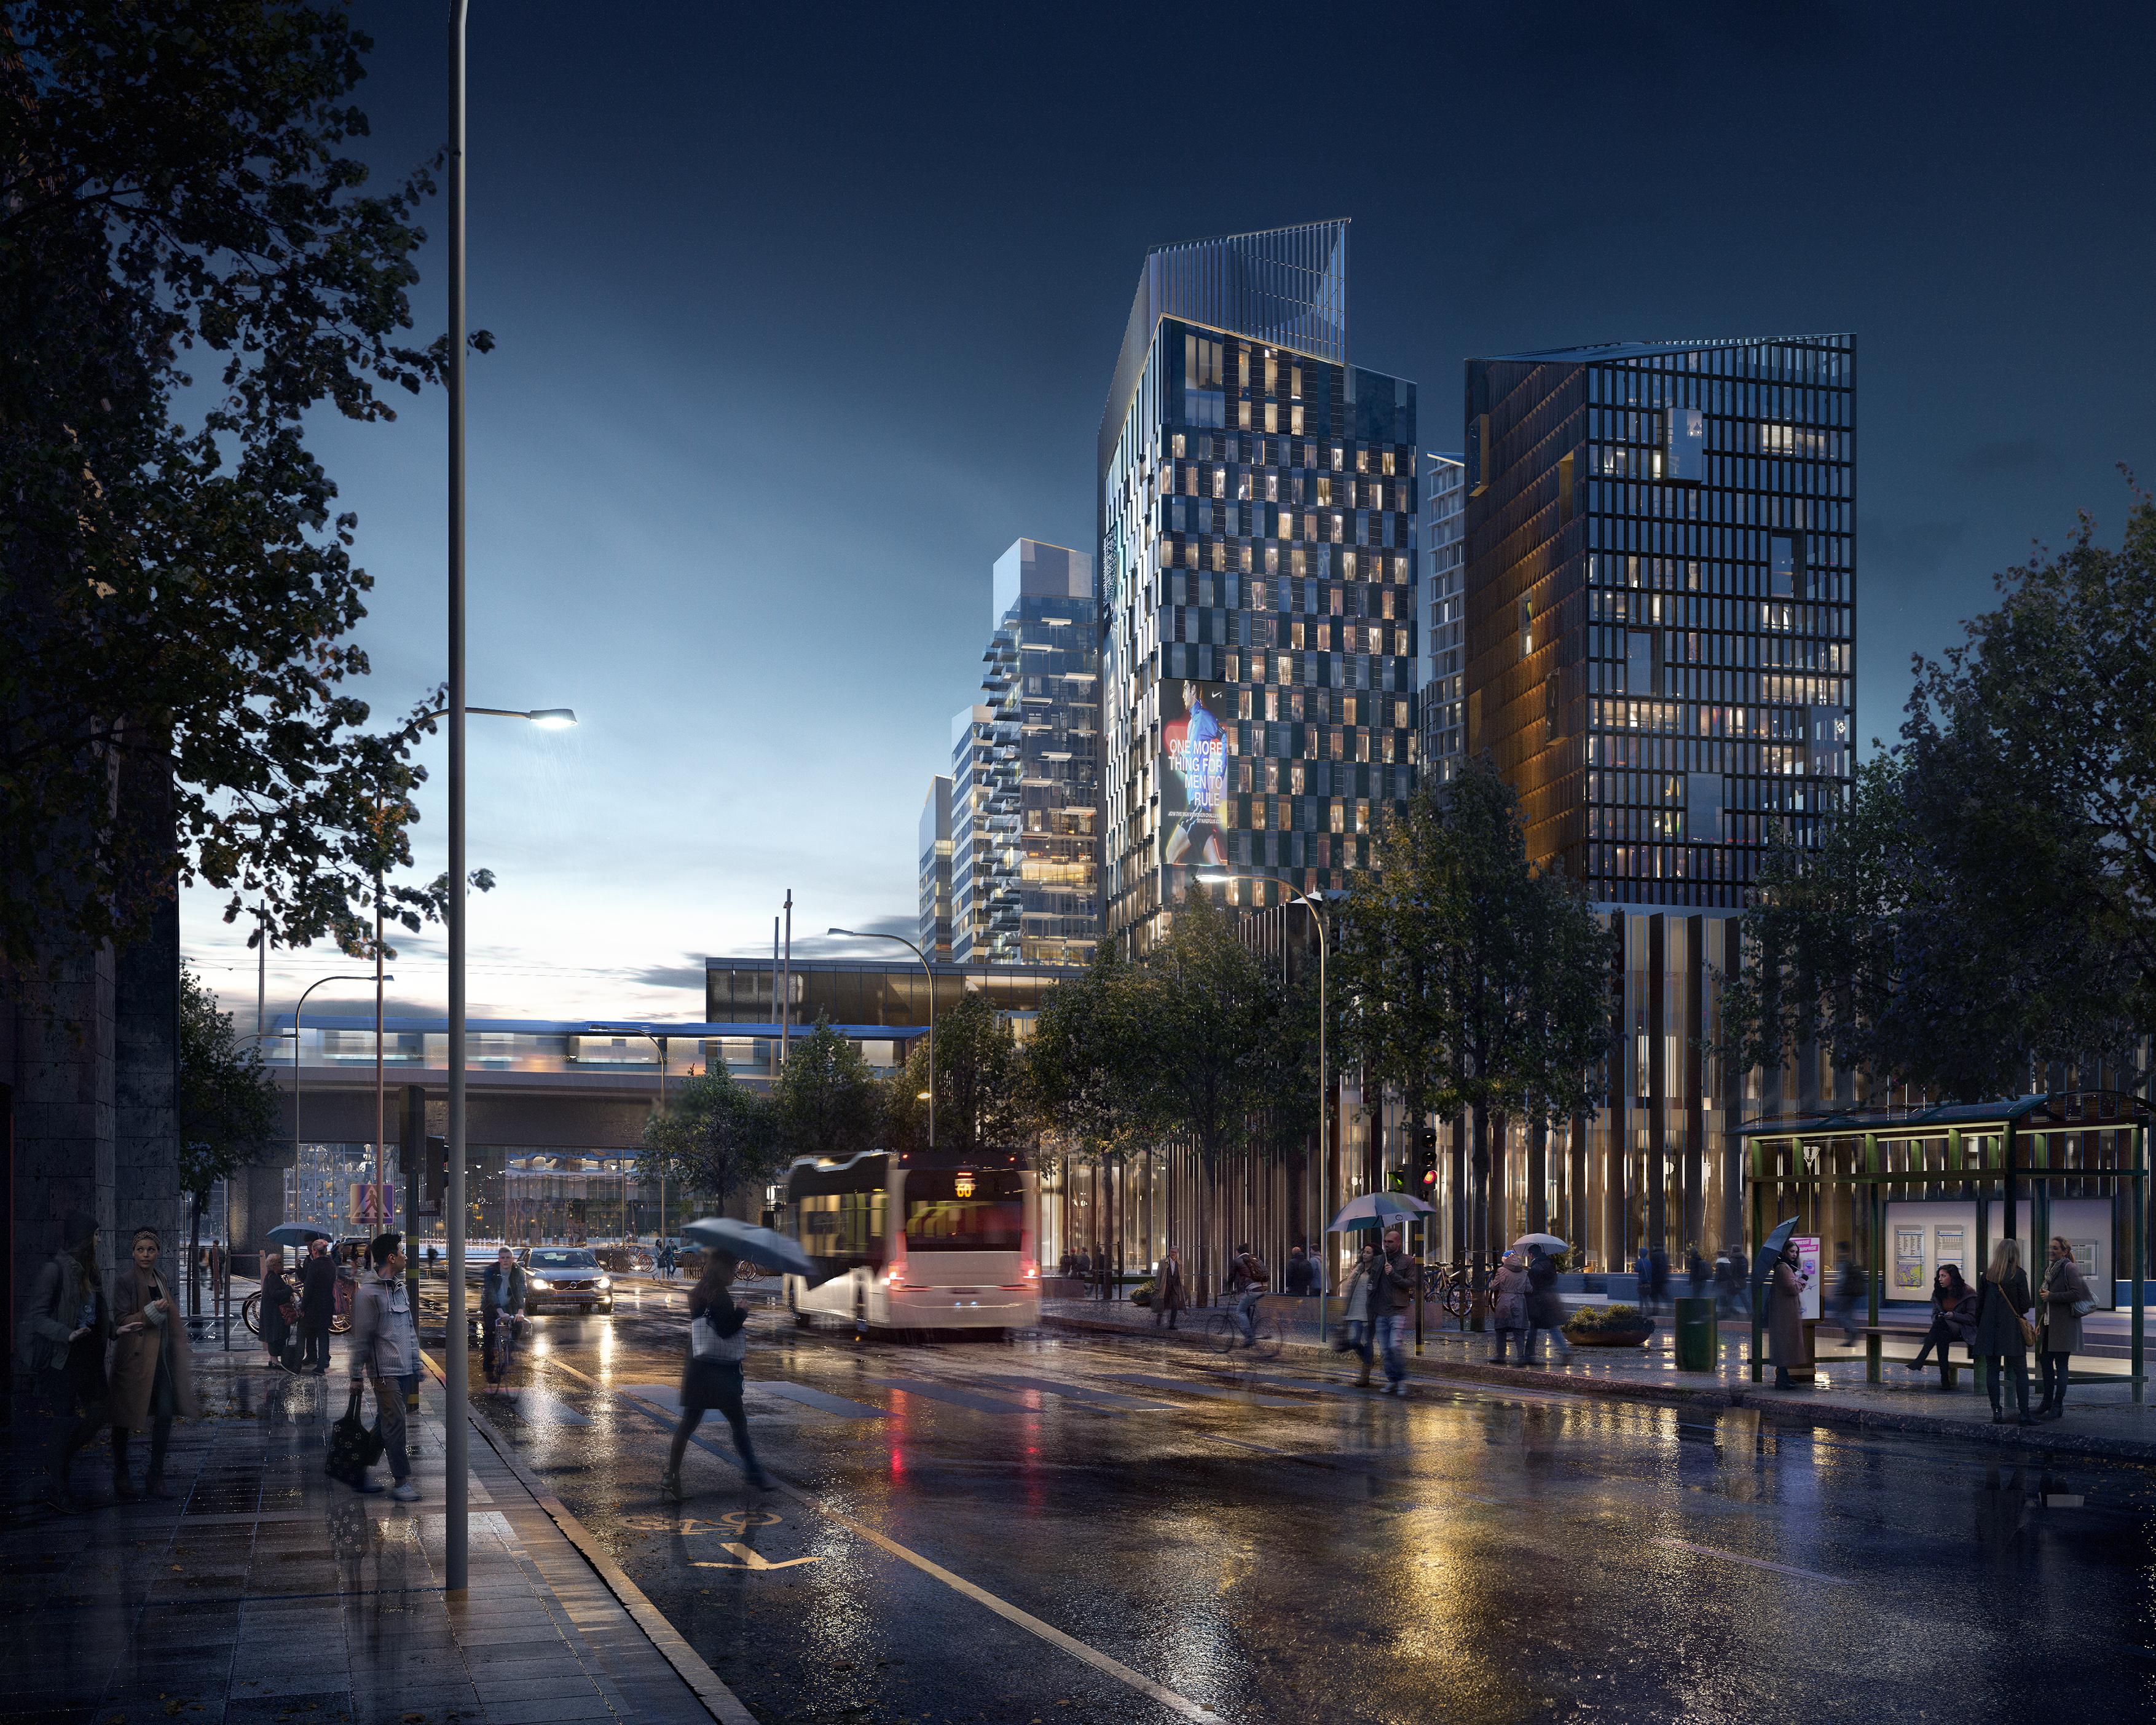 Jernhusens nya Region City i Göteborg, med Älvtornet och Jubileumstornet. Vy från Nordstans norra sida.